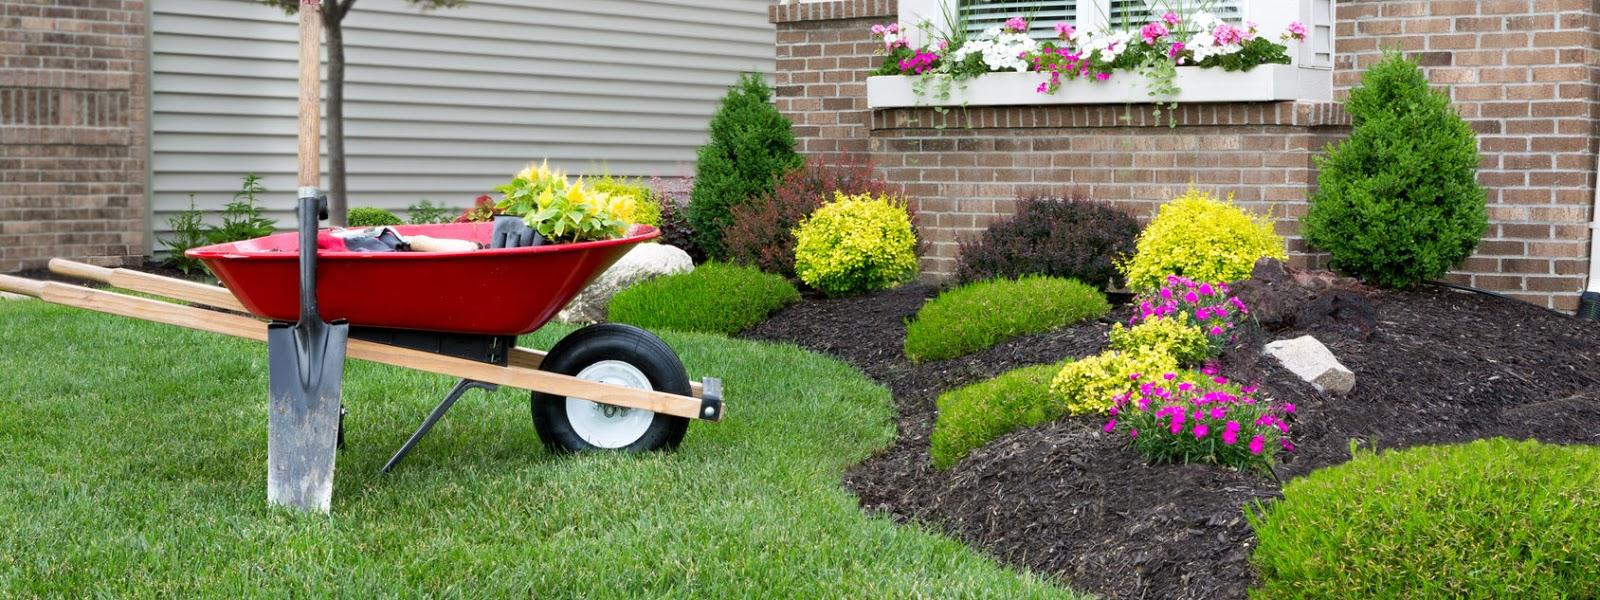 Progettare un giardino 5 errori da evitare - Progettare un giardino ...